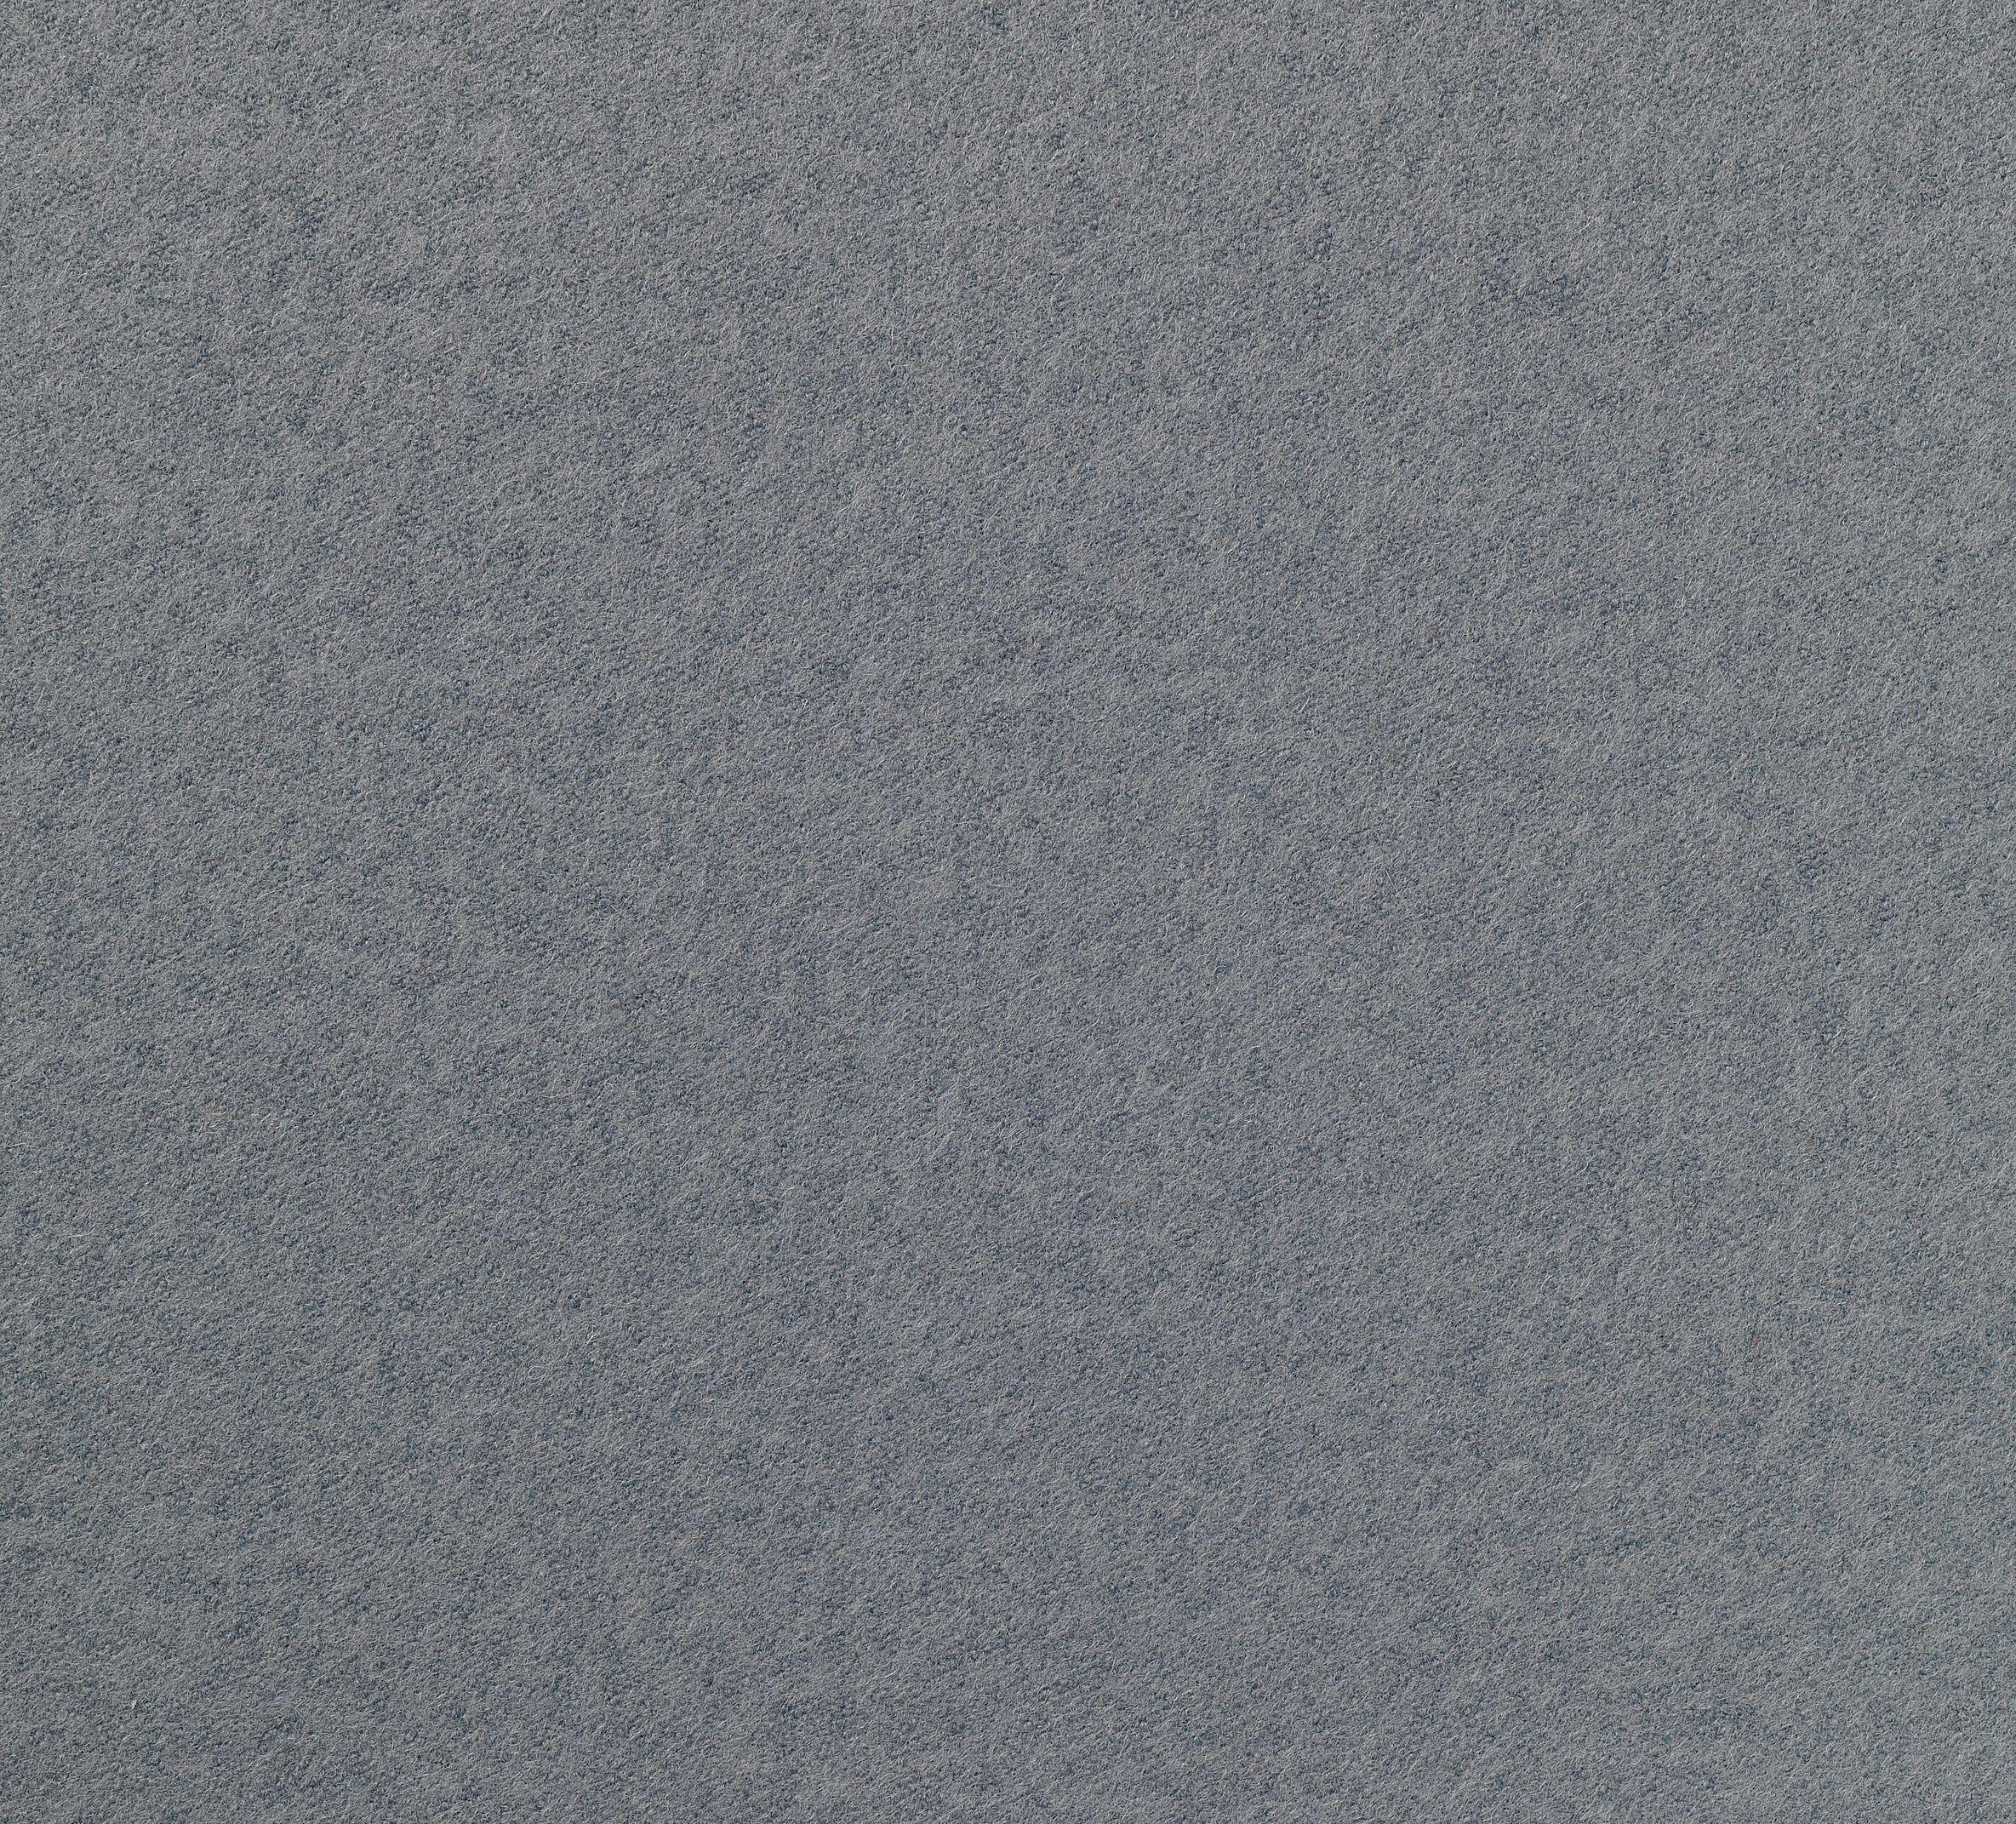 设计特点:坚韧的羊毛毡品质,配以现代而时尚的色彩 组成: 80 羊毛 20 聚酰胺 宽度 177 140 Cm